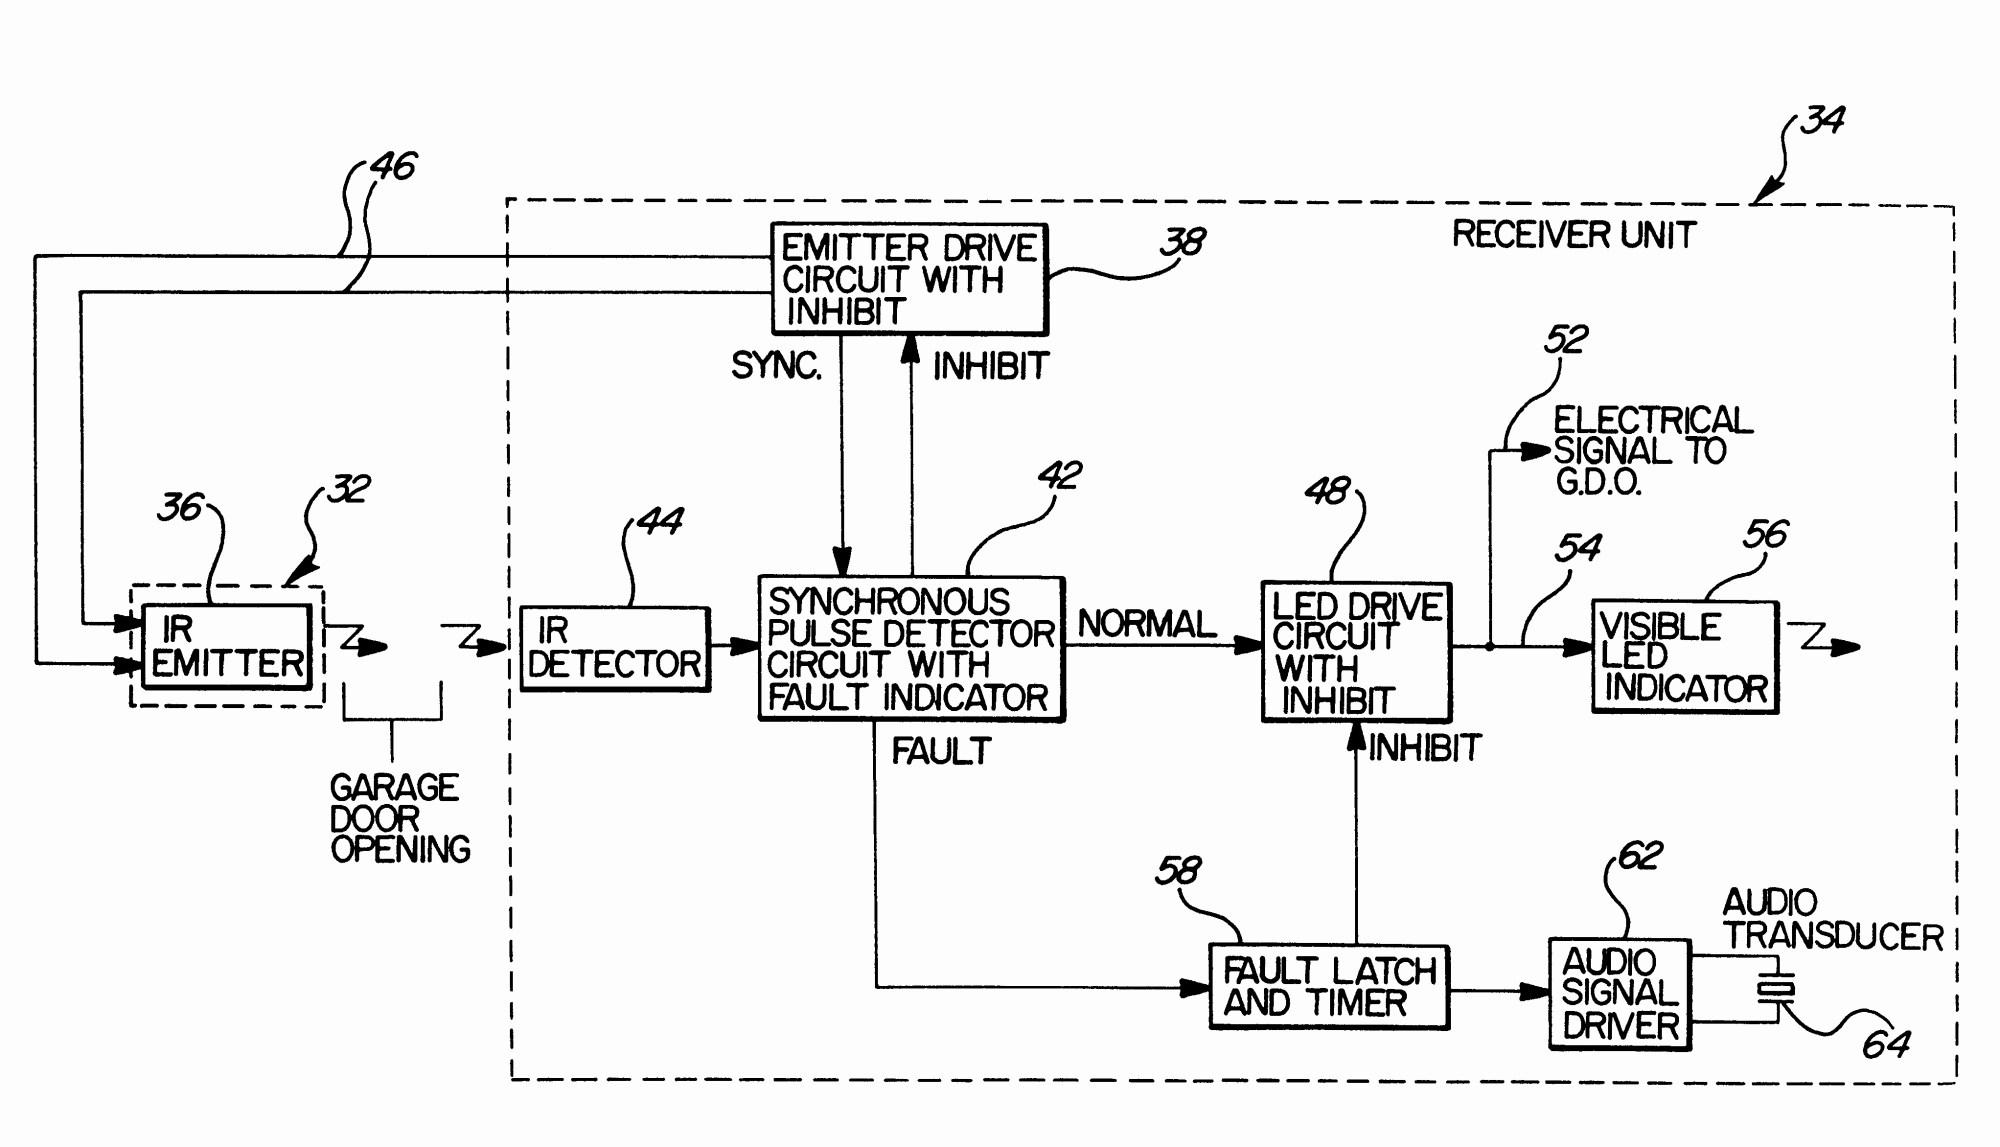 hight resolution of liftmaster garage door wiring diagram collection liftmaster garage door opener wiring diagram best wiring diagram download wiring diagram